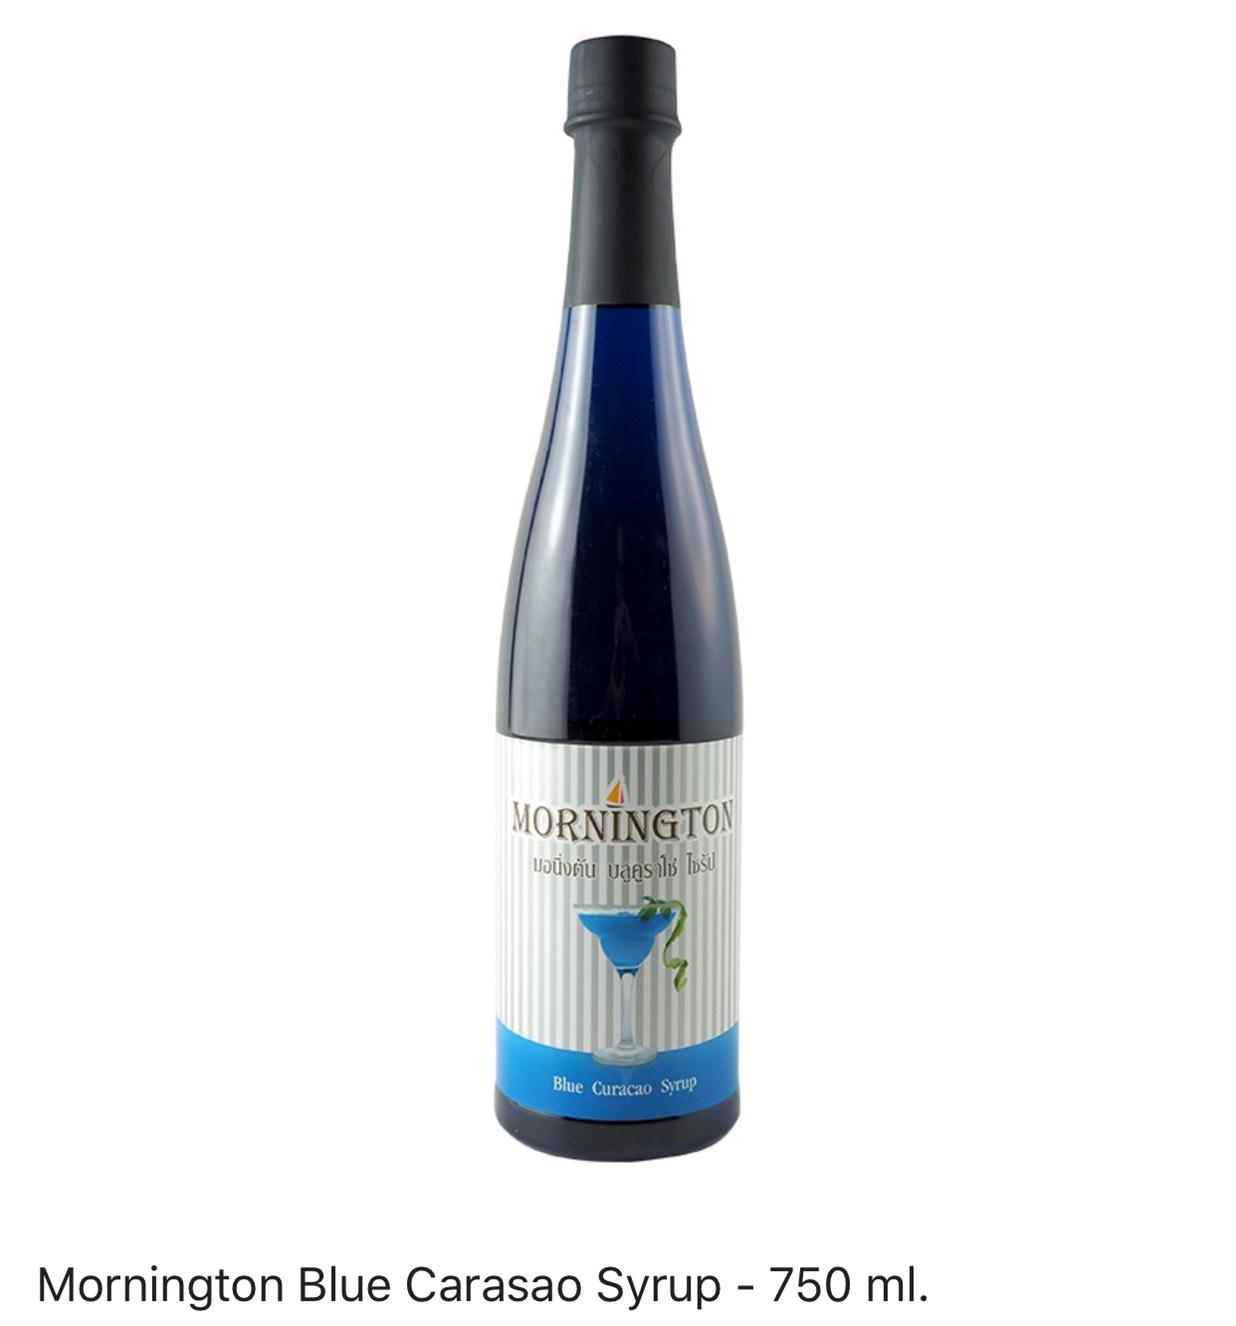 Mornington Blue Carasao Syrup